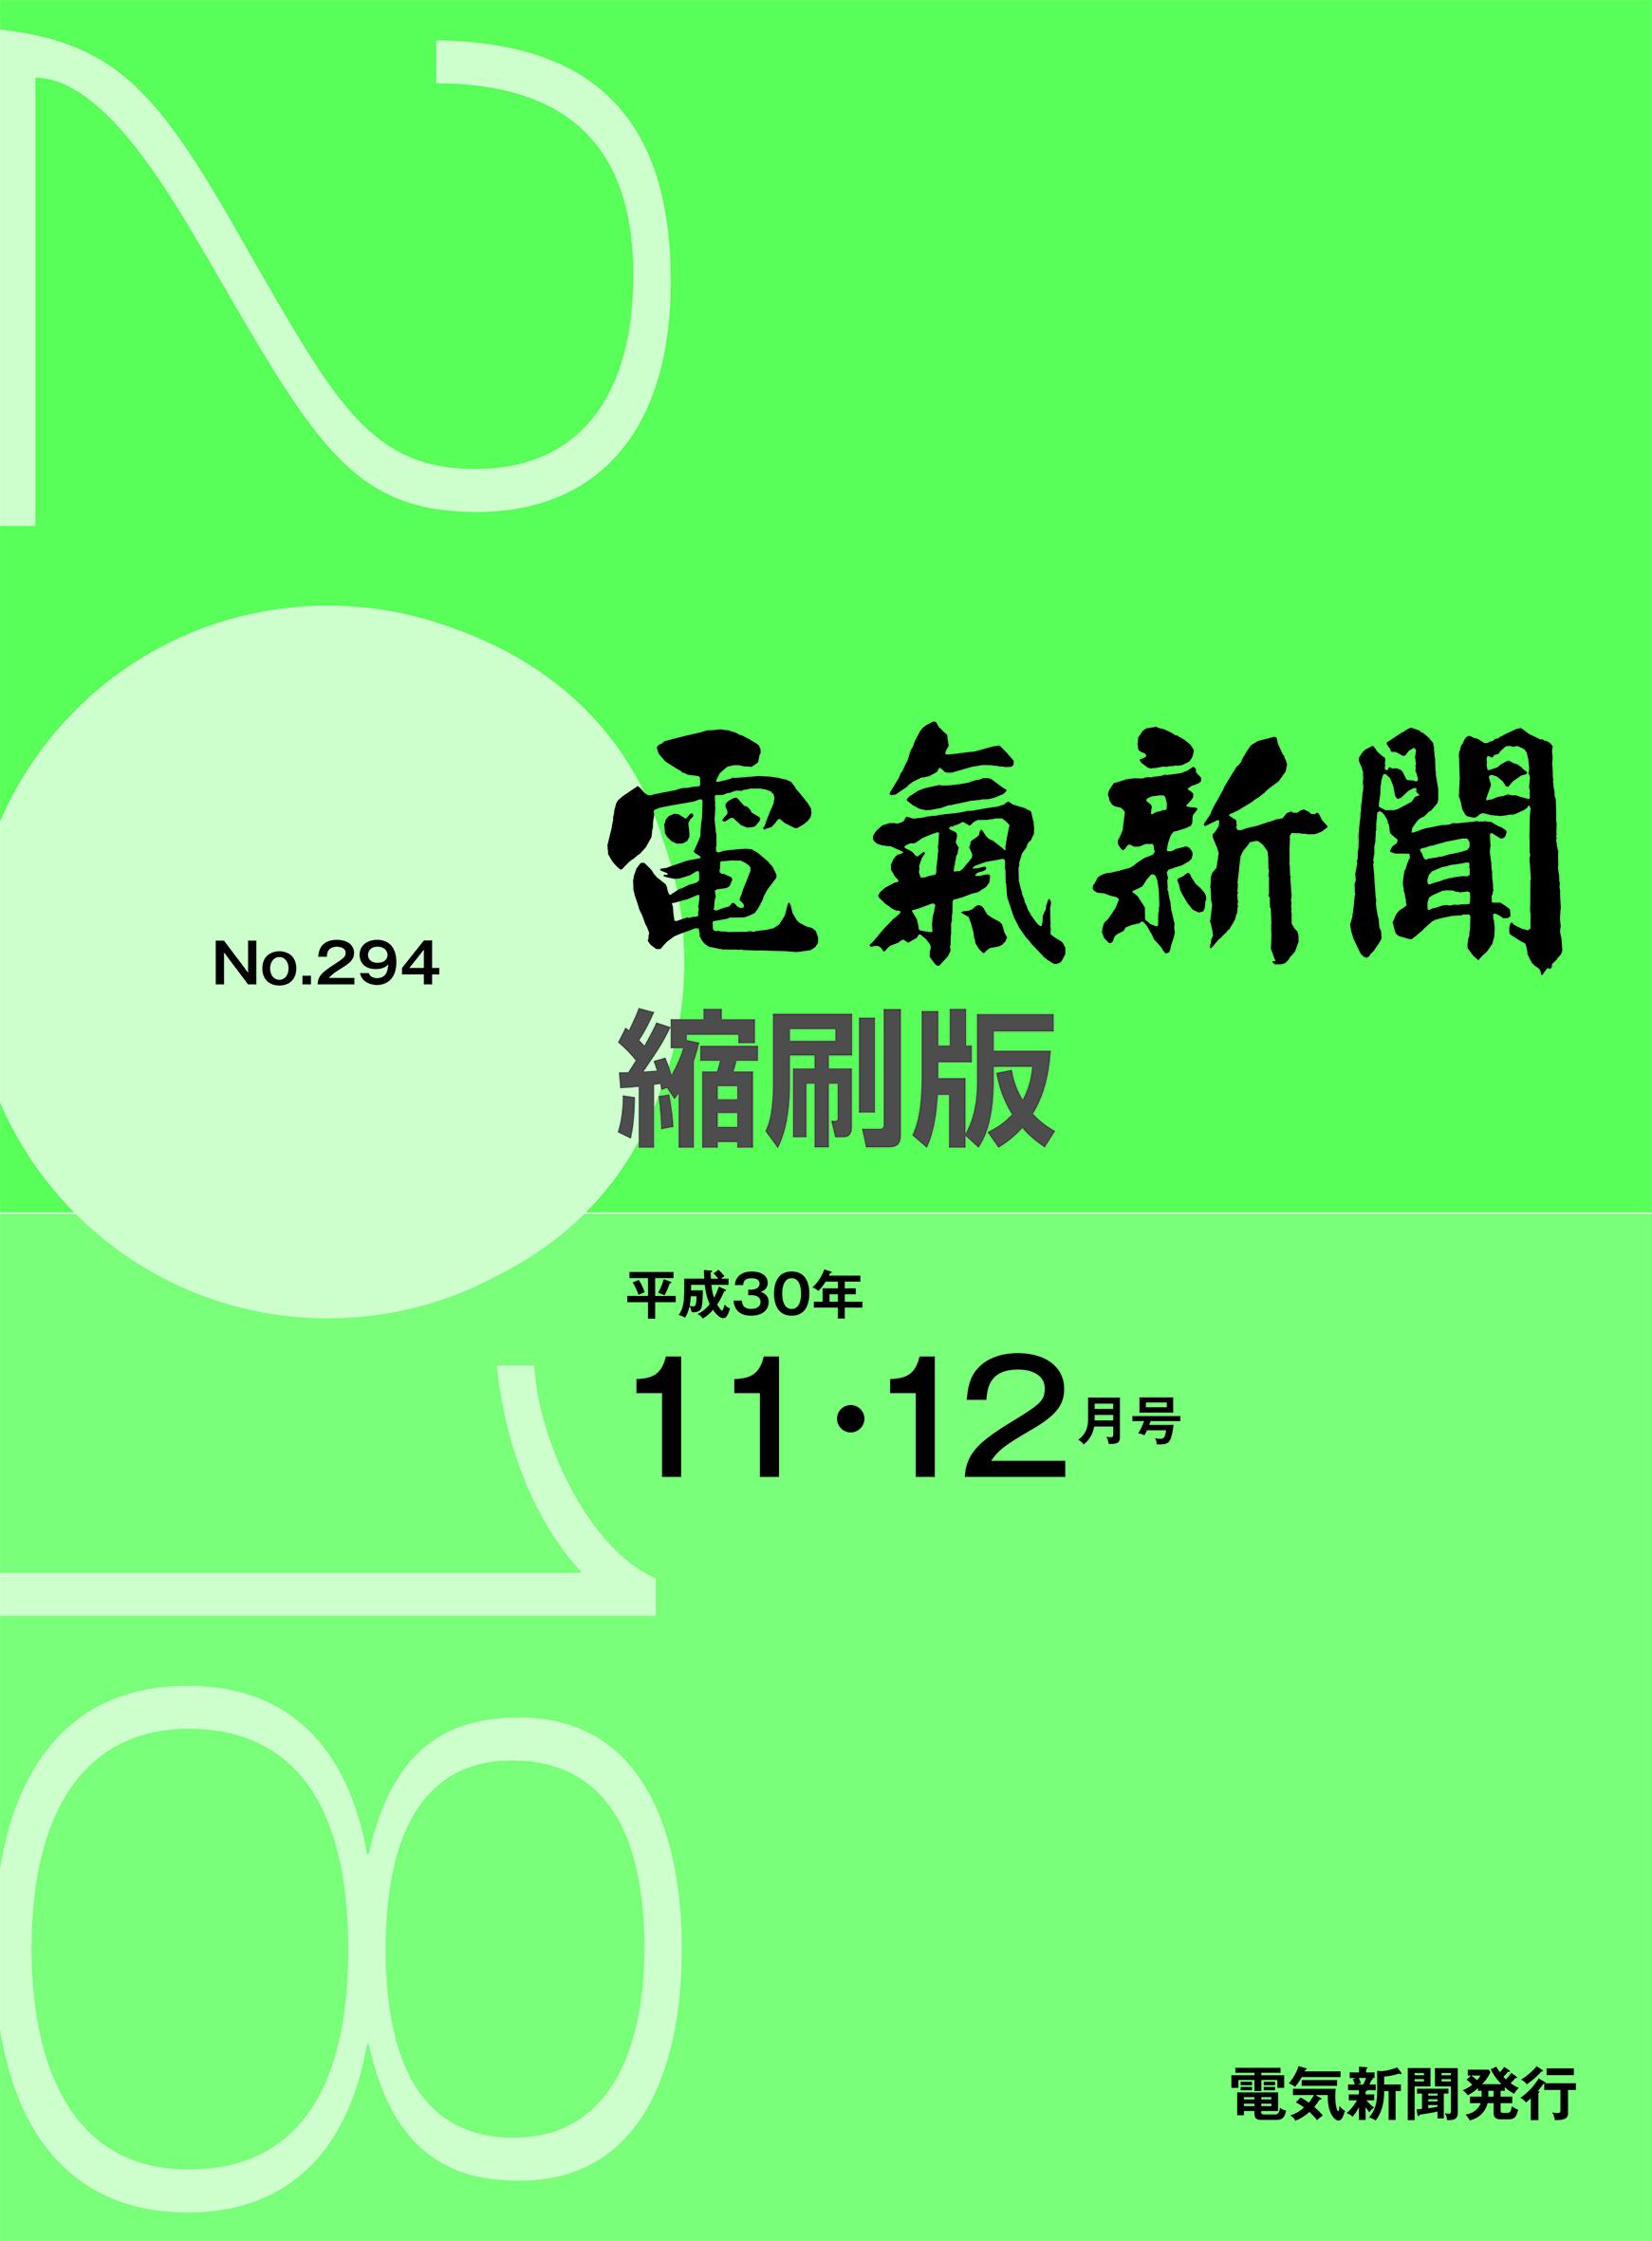 印刷_18541_電気新聞縮小版_表紙_17mm